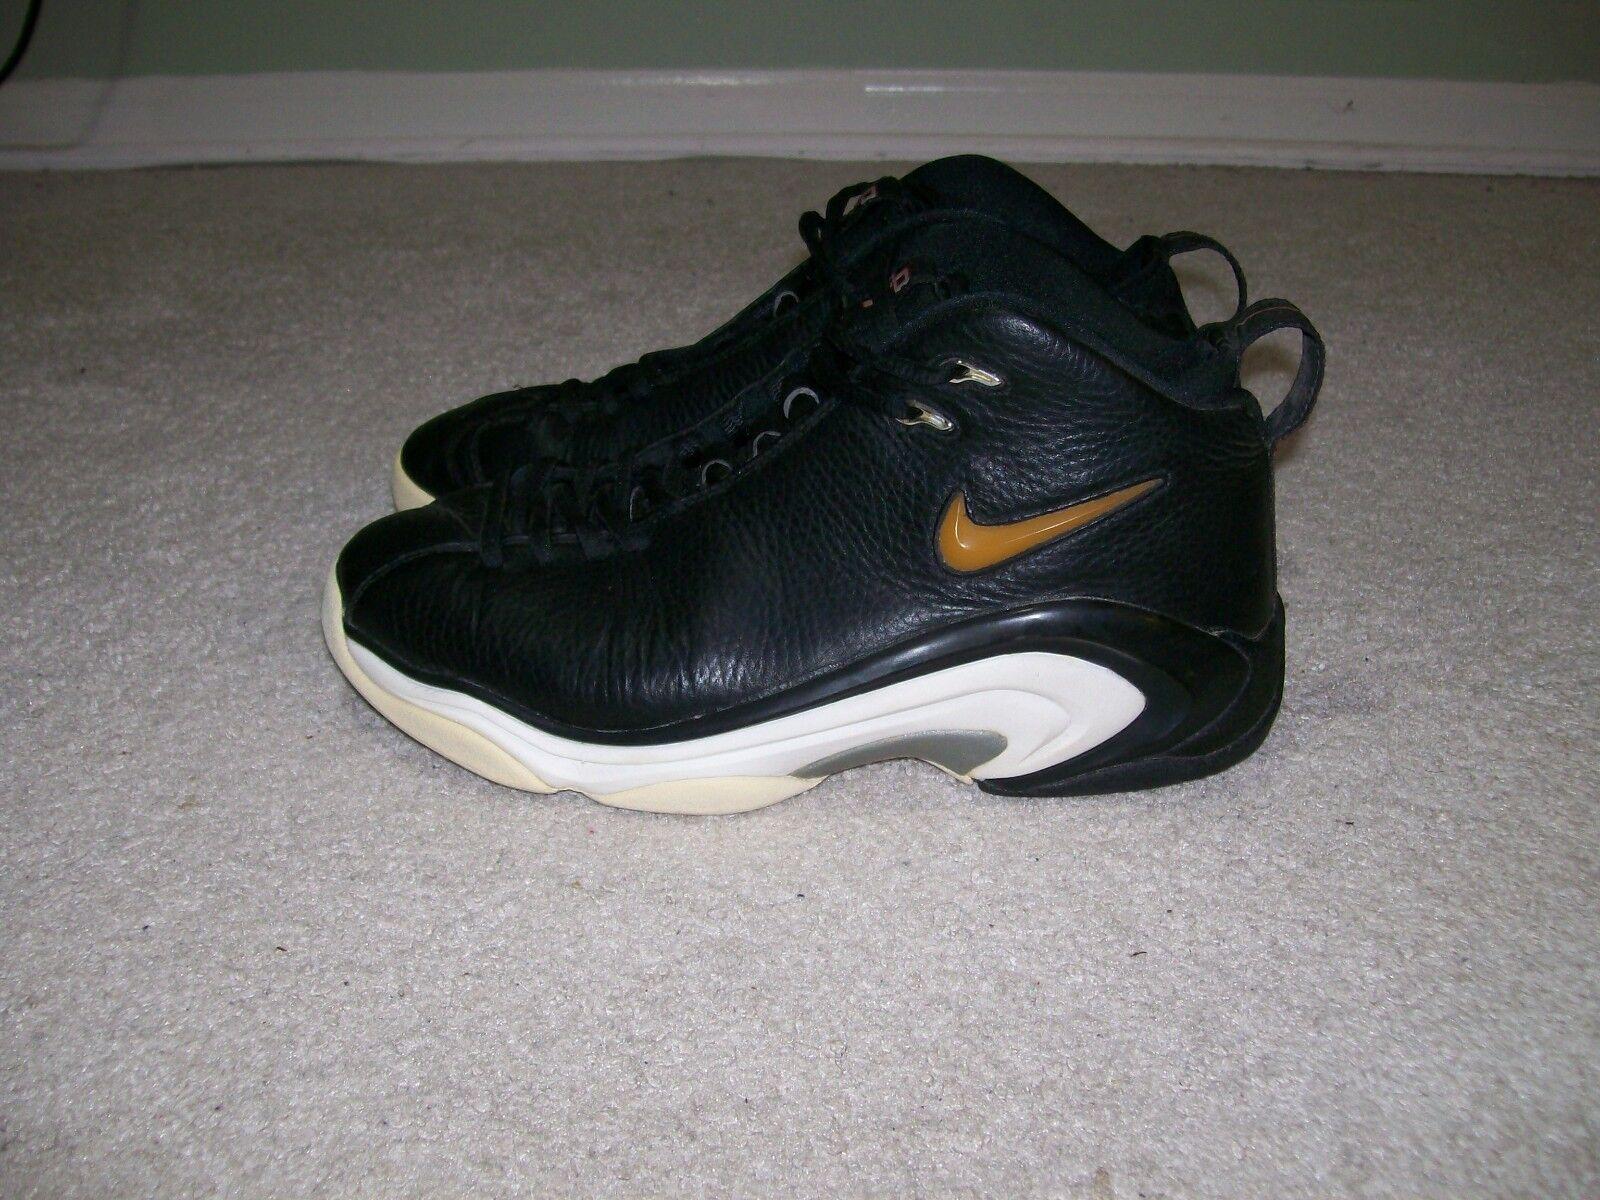 1998 OG SZ 11 Nike Air Pippen II 2 Brosso nero bianca 830055-061 More Uptempo 1 XI